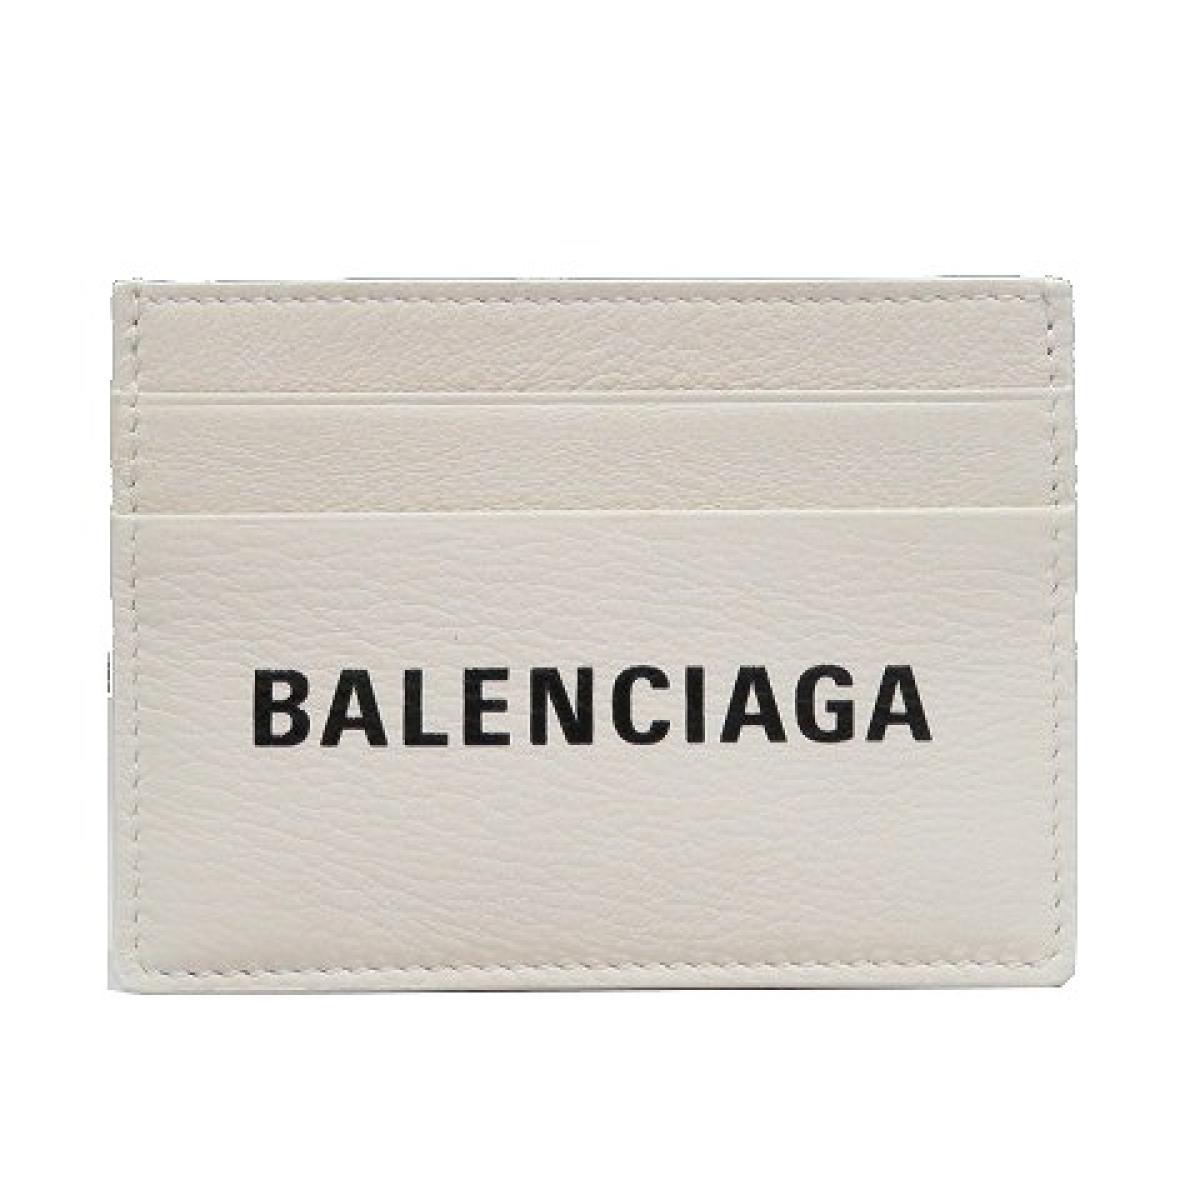 BALENCIAGA(バレンシアガ)/エブリディ カードケース/その他/ホワイト/レザー/【ランクA】(490620)【中古】